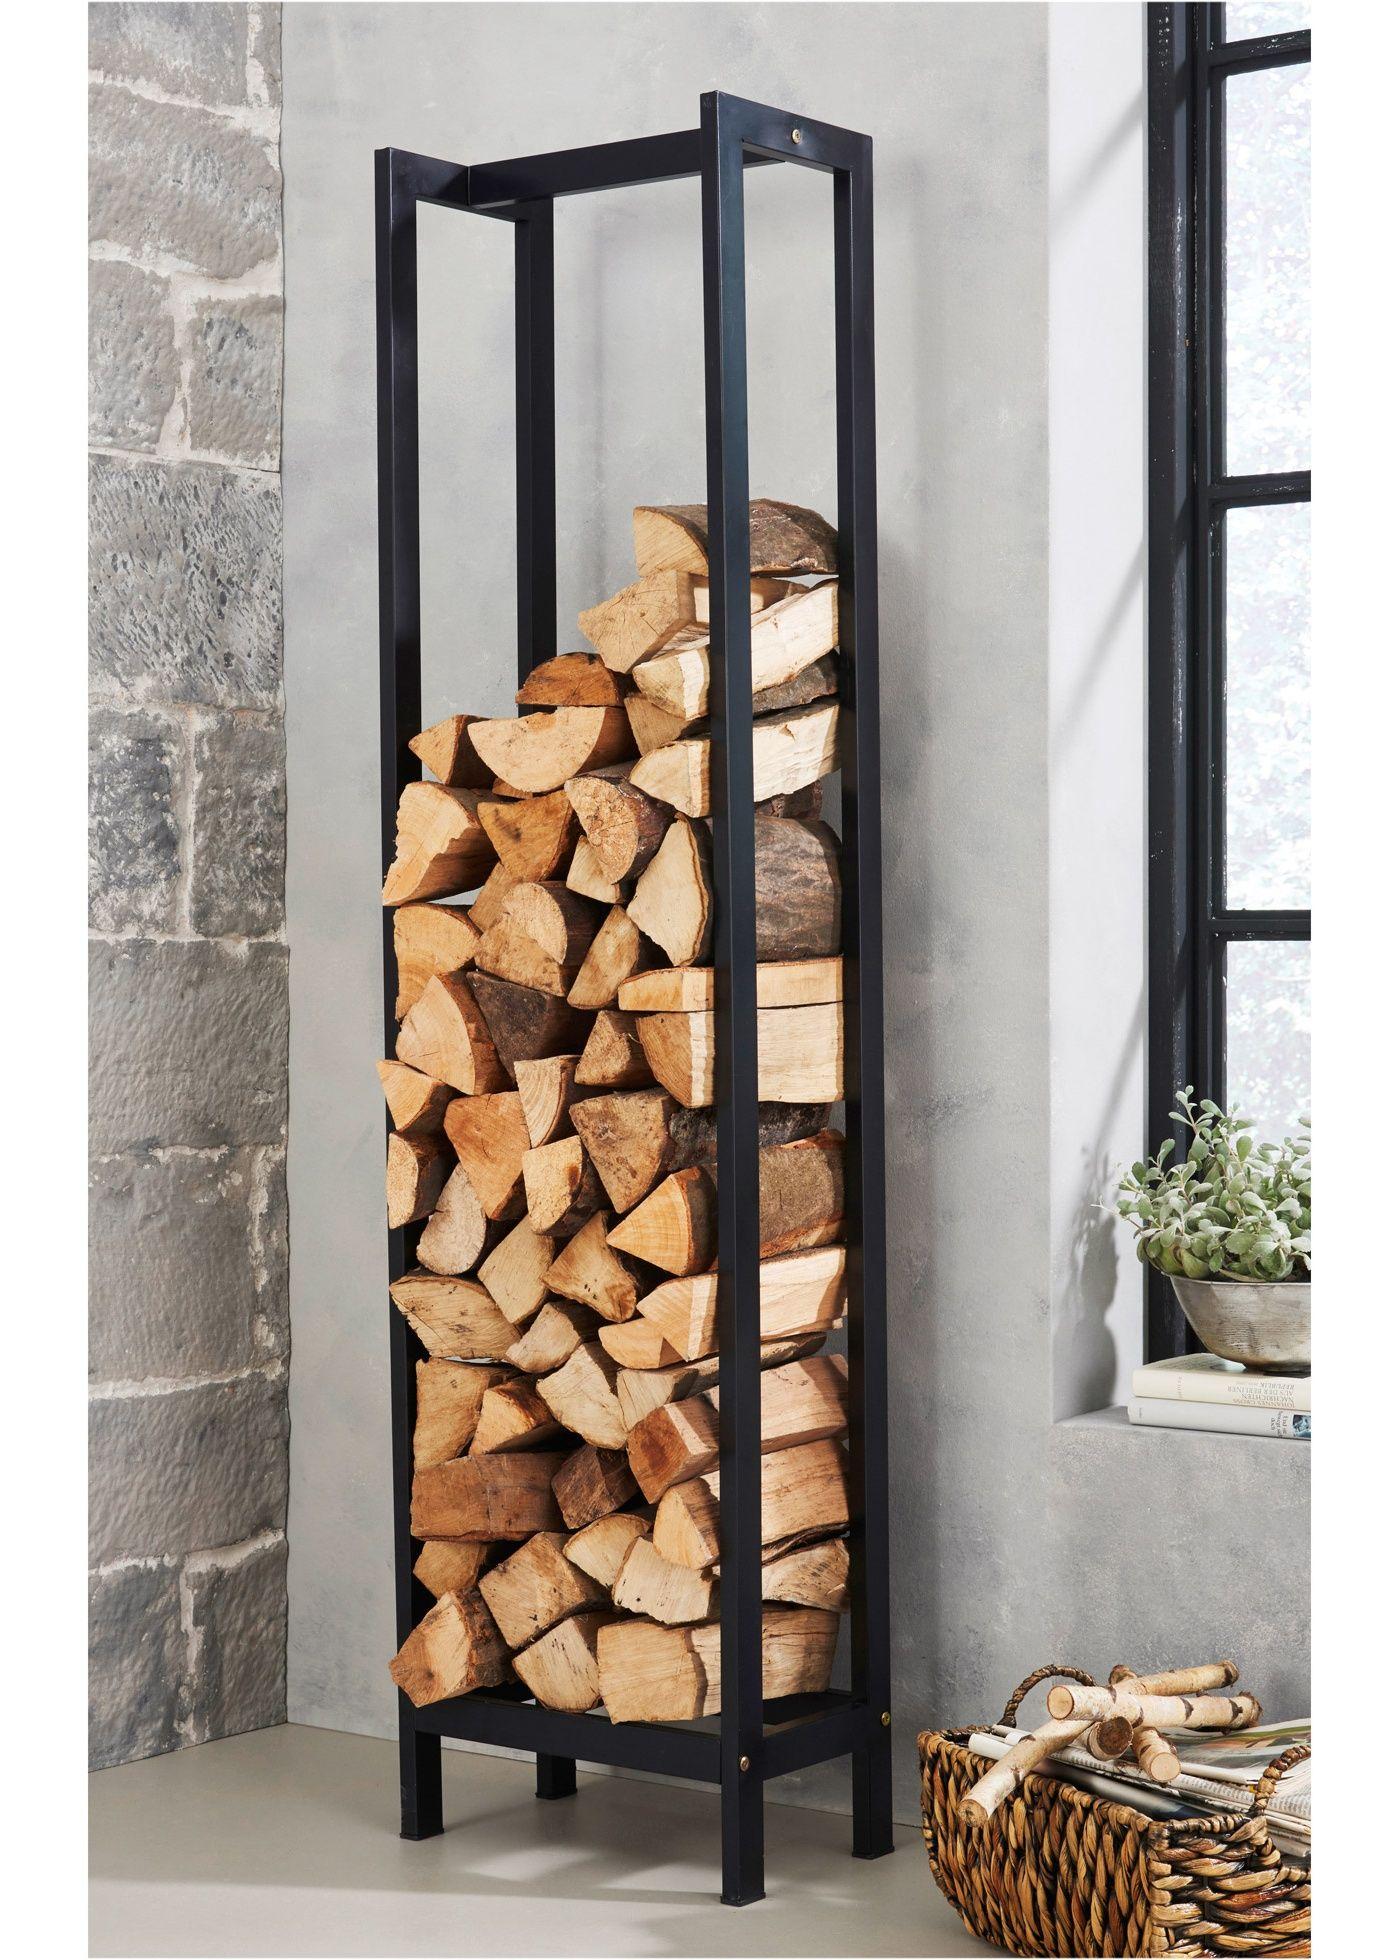 tag re pour bois de chauffage timber cheminee bois de. Black Bedroom Furniture Sets. Home Design Ideas